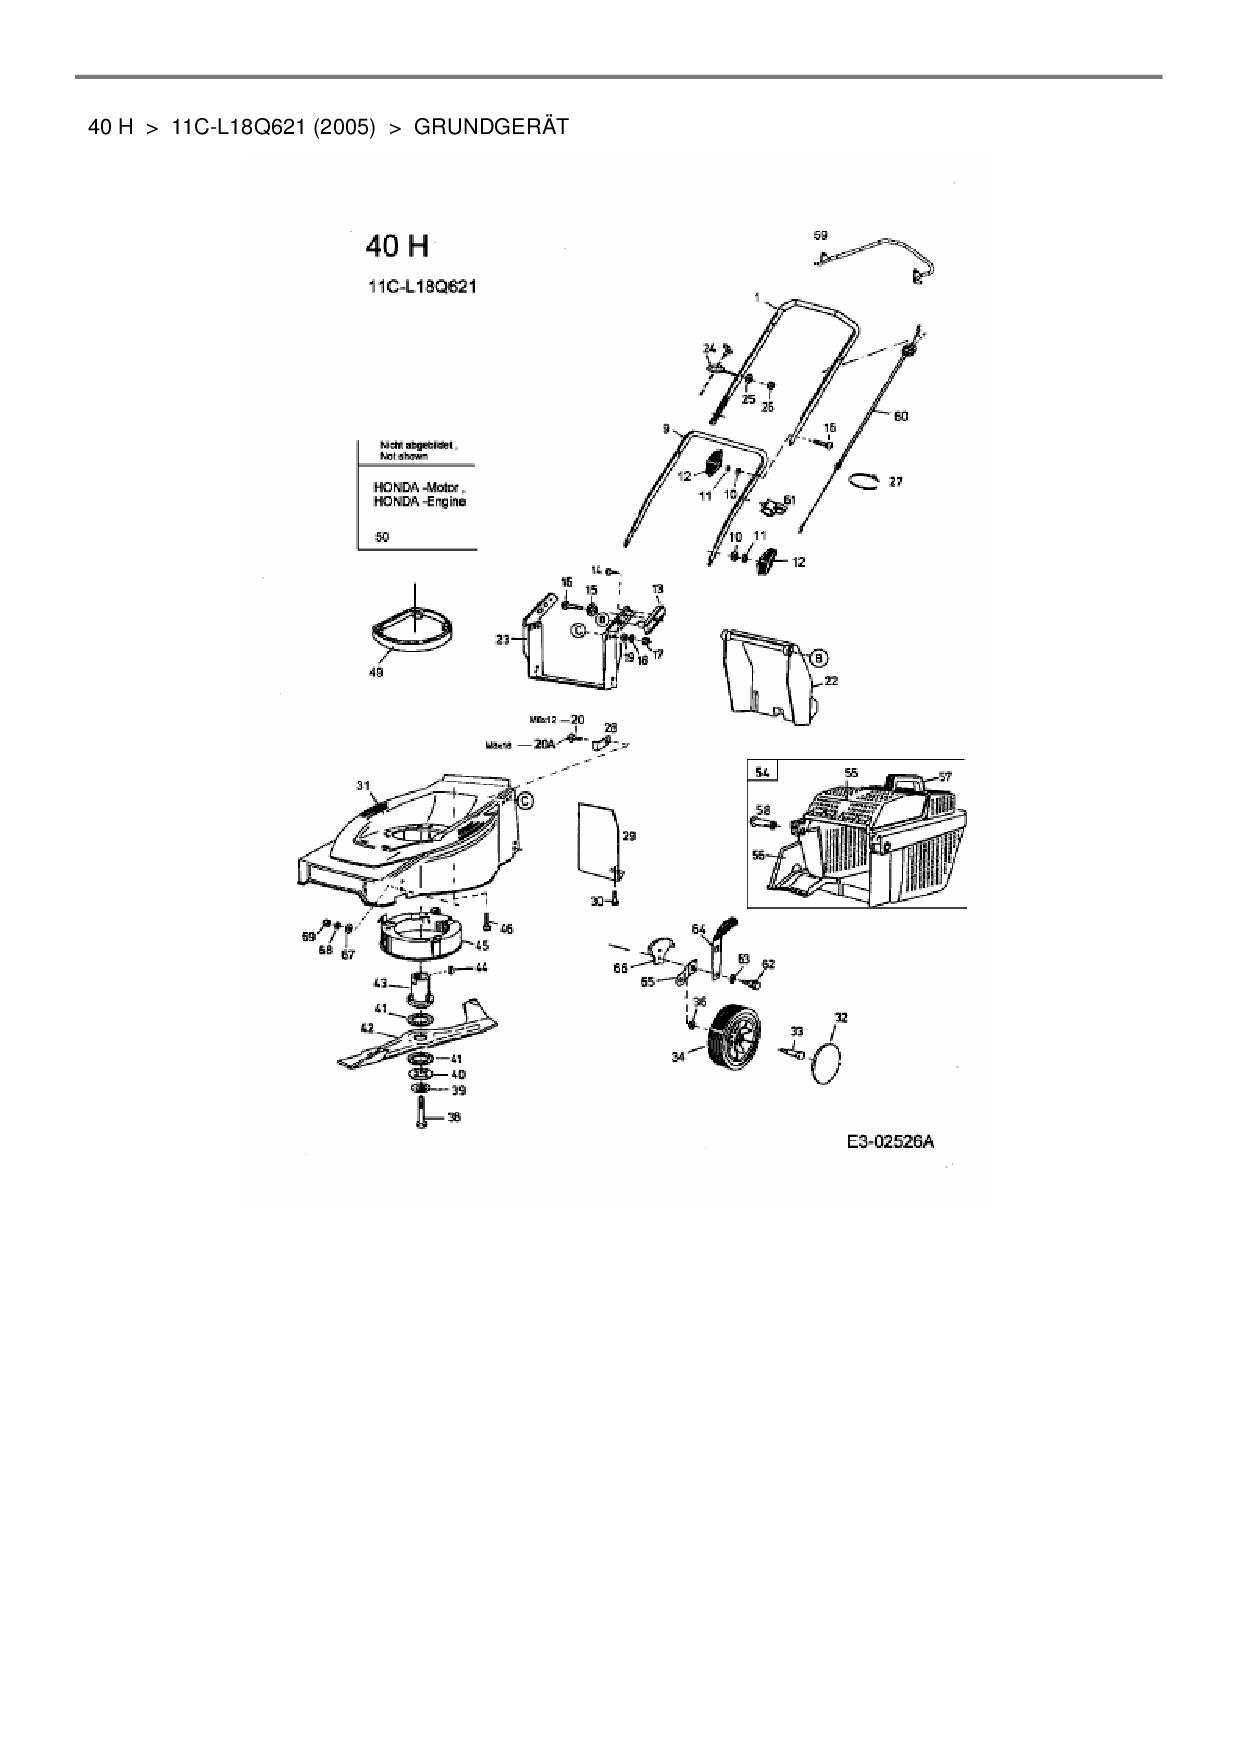 ersatzteile von hanseatic motorm her 40 h aus der. Black Bedroom Furniture Sets. Home Design Ideas